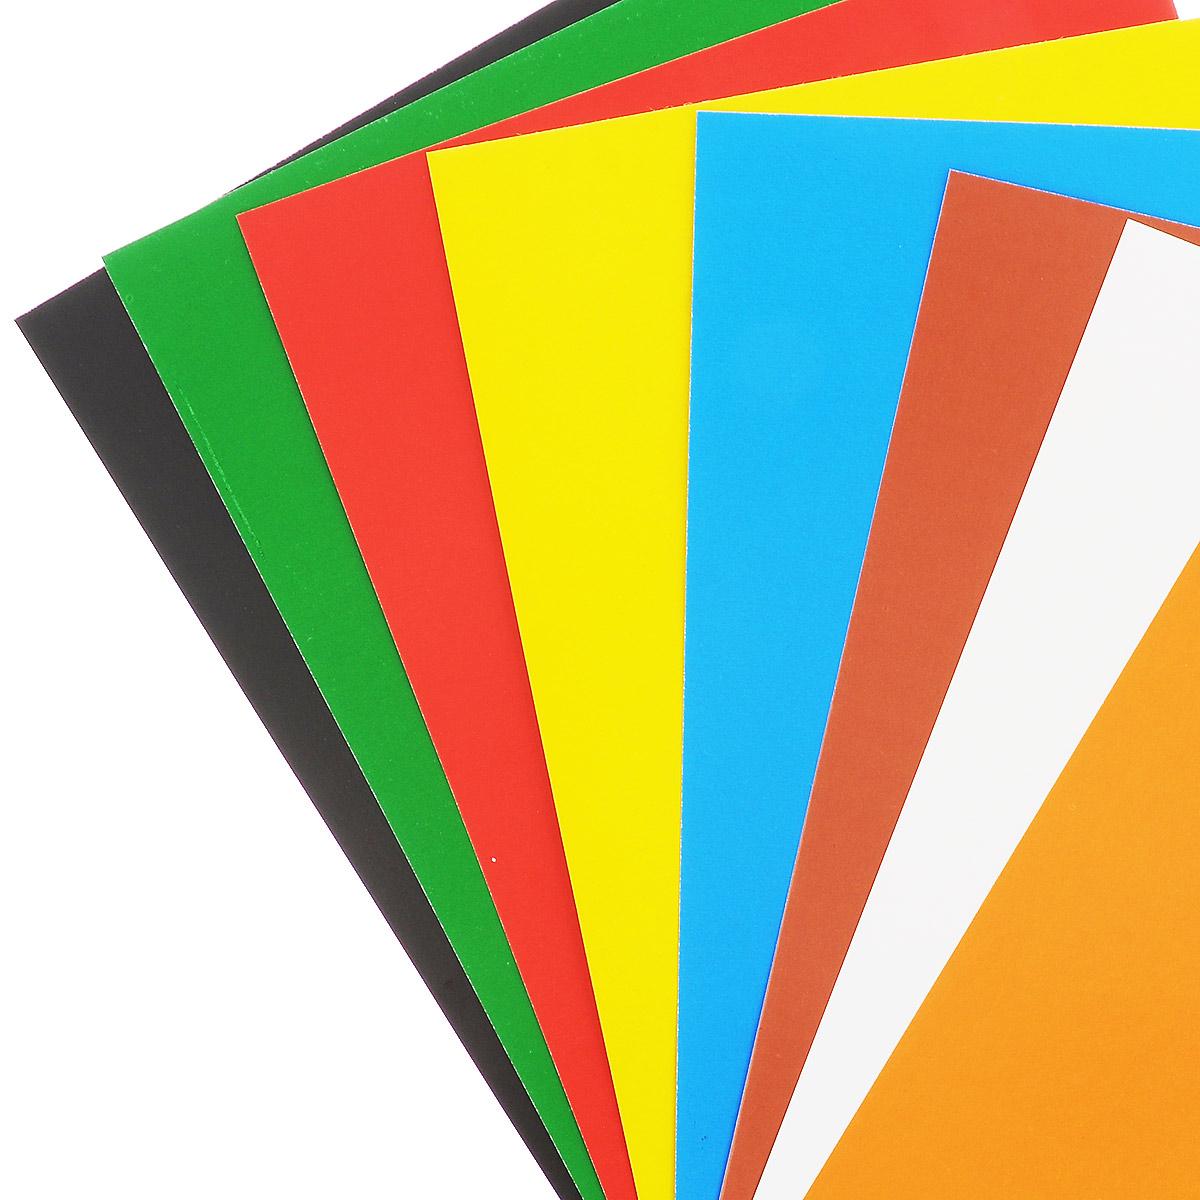 Набор цветного картона Action Алиса позволит создавать всевозможные аппликации и поделки. Набор состоит из 16 листов формата А4 одностороннего цветного картона 8 цветов: желтого, оранжевого, белого, коричневого, синего, красного, зеленого и черного. Создание поделок из цветного картона позволяет ребенку развивать творческие способности, кроме того, это увлекательный досуг. Набор упакован в 2 картонные папки, оформленные изображениями героев мультфильма Алиса знает, что делает.